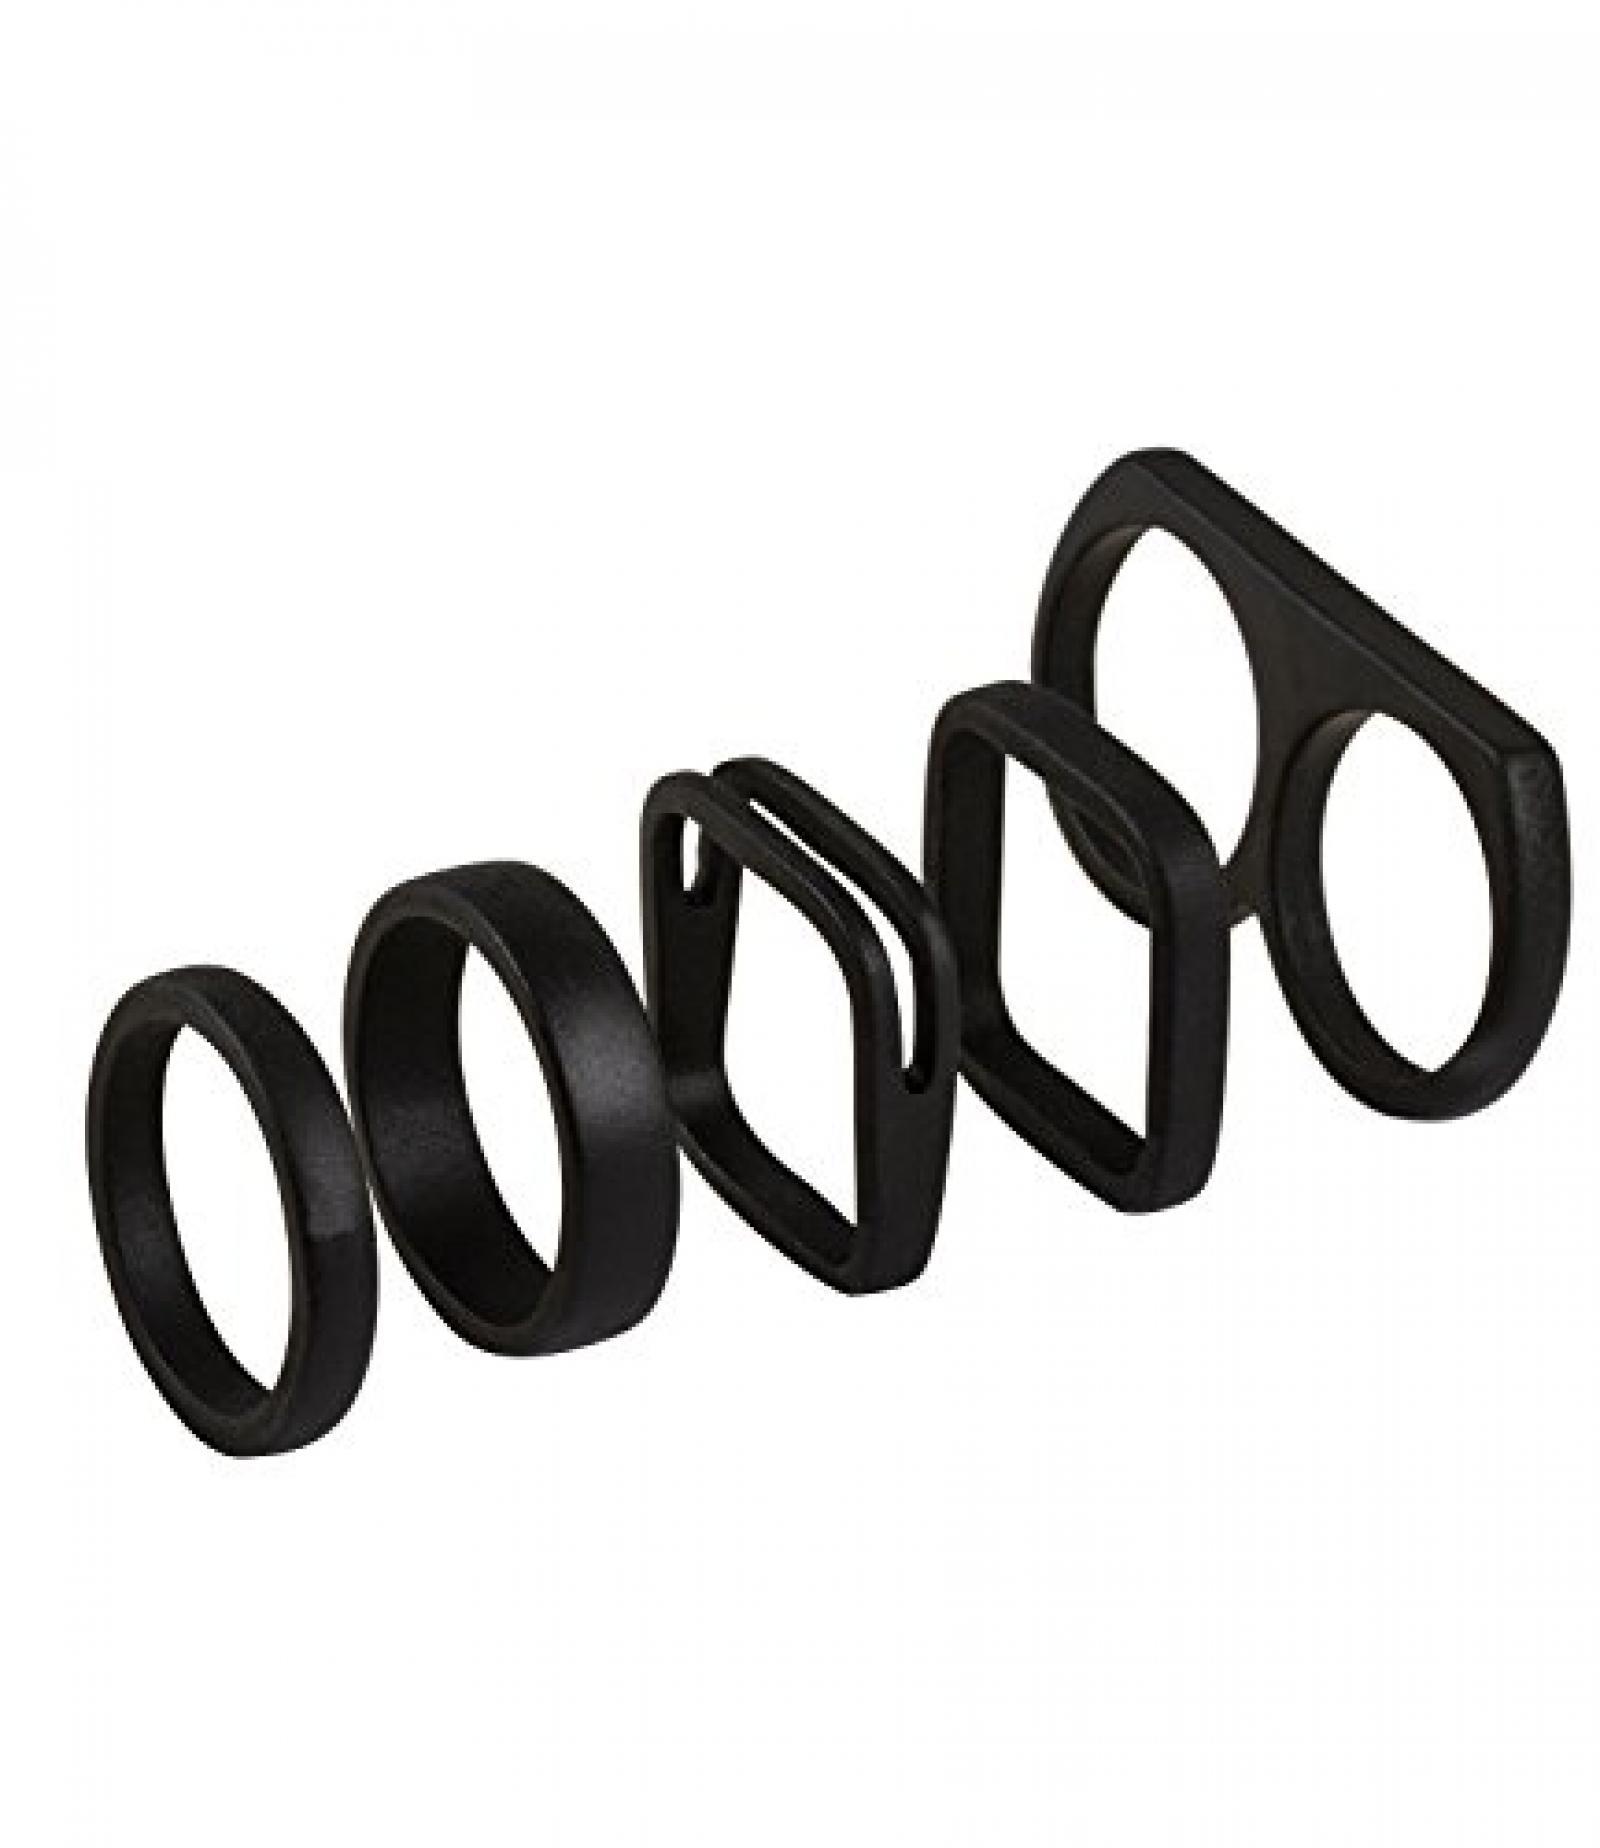 """SIX """"Statement"""" 5er Set matte, schwarze Ringe, teilweise eckig (392-210)"""